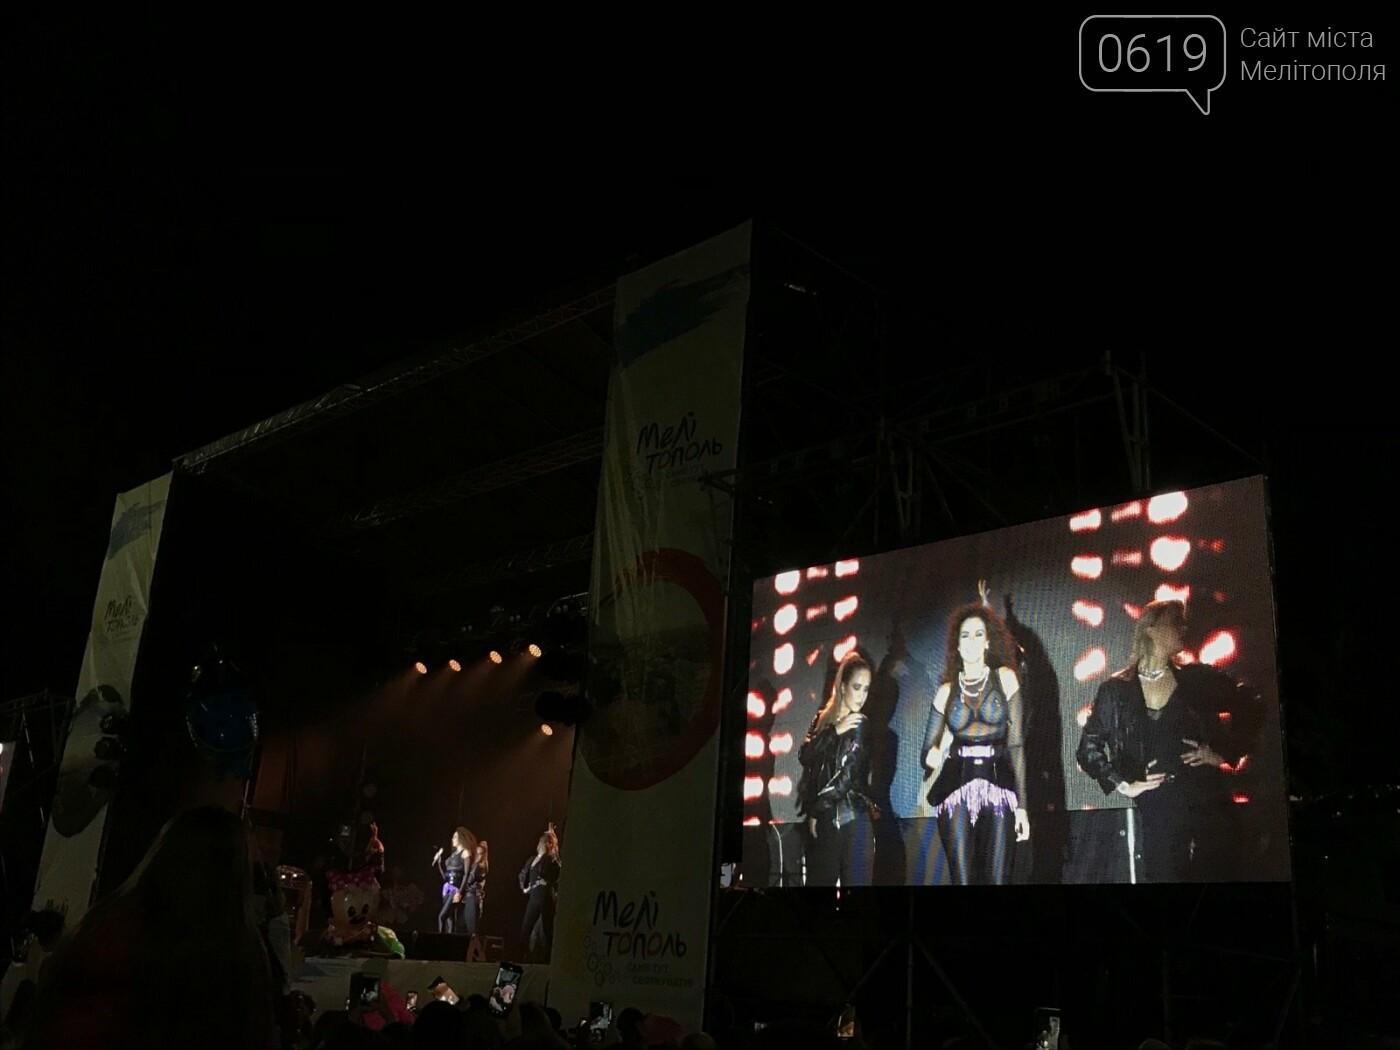 В Мелитополе празднование Дня города завершилось ярким концертом и фейерверком , фото-1